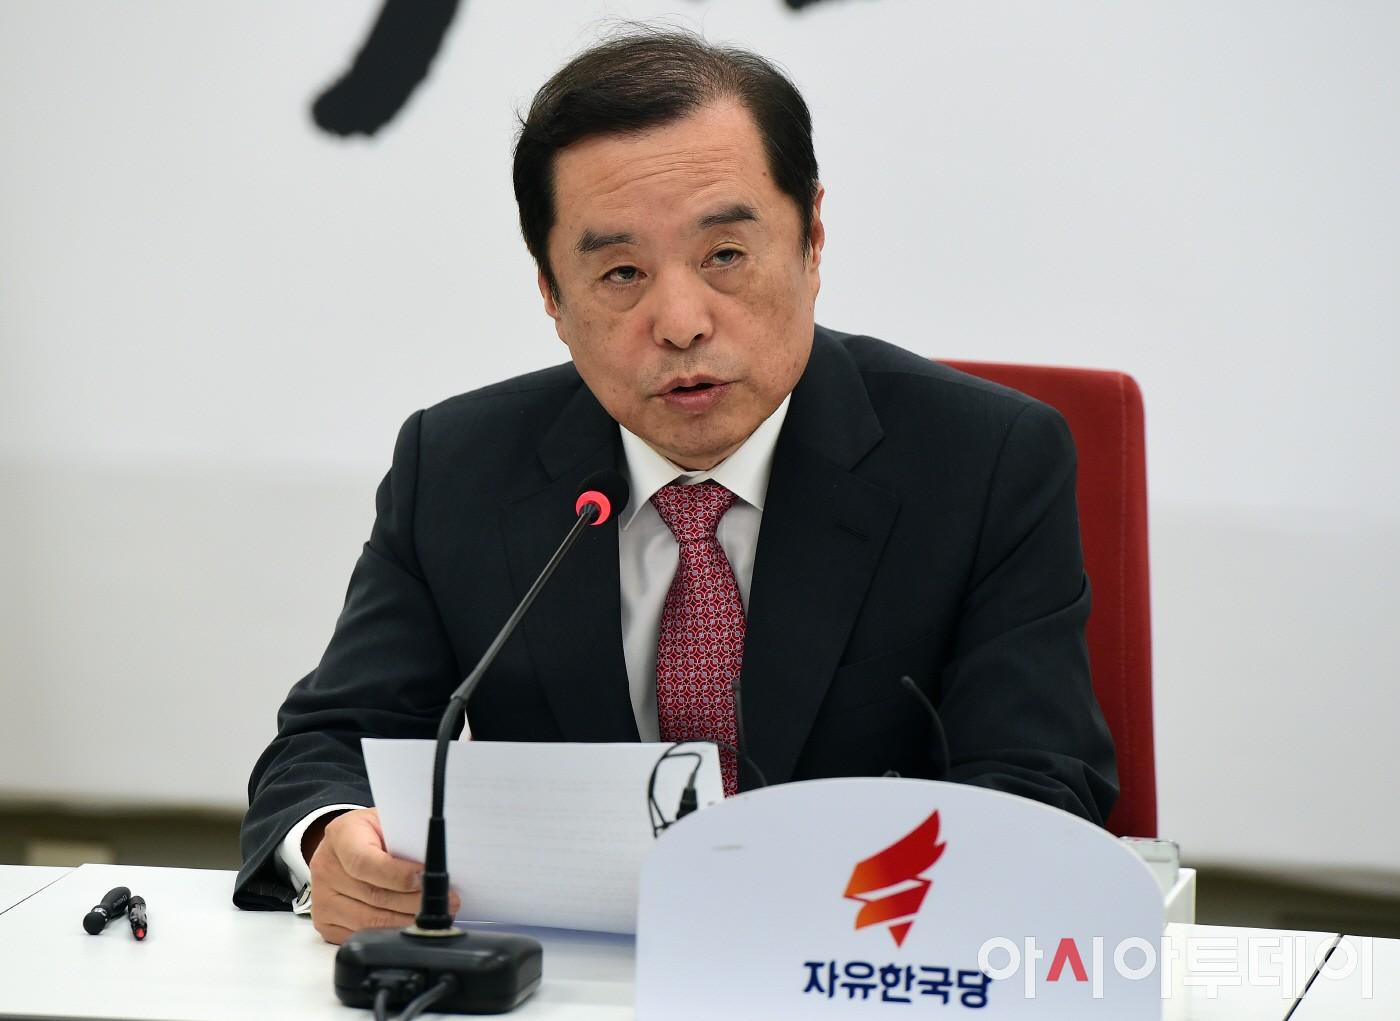 김병준, '서울교통공사 특혜 채용 의혹' 관련 기자간담회